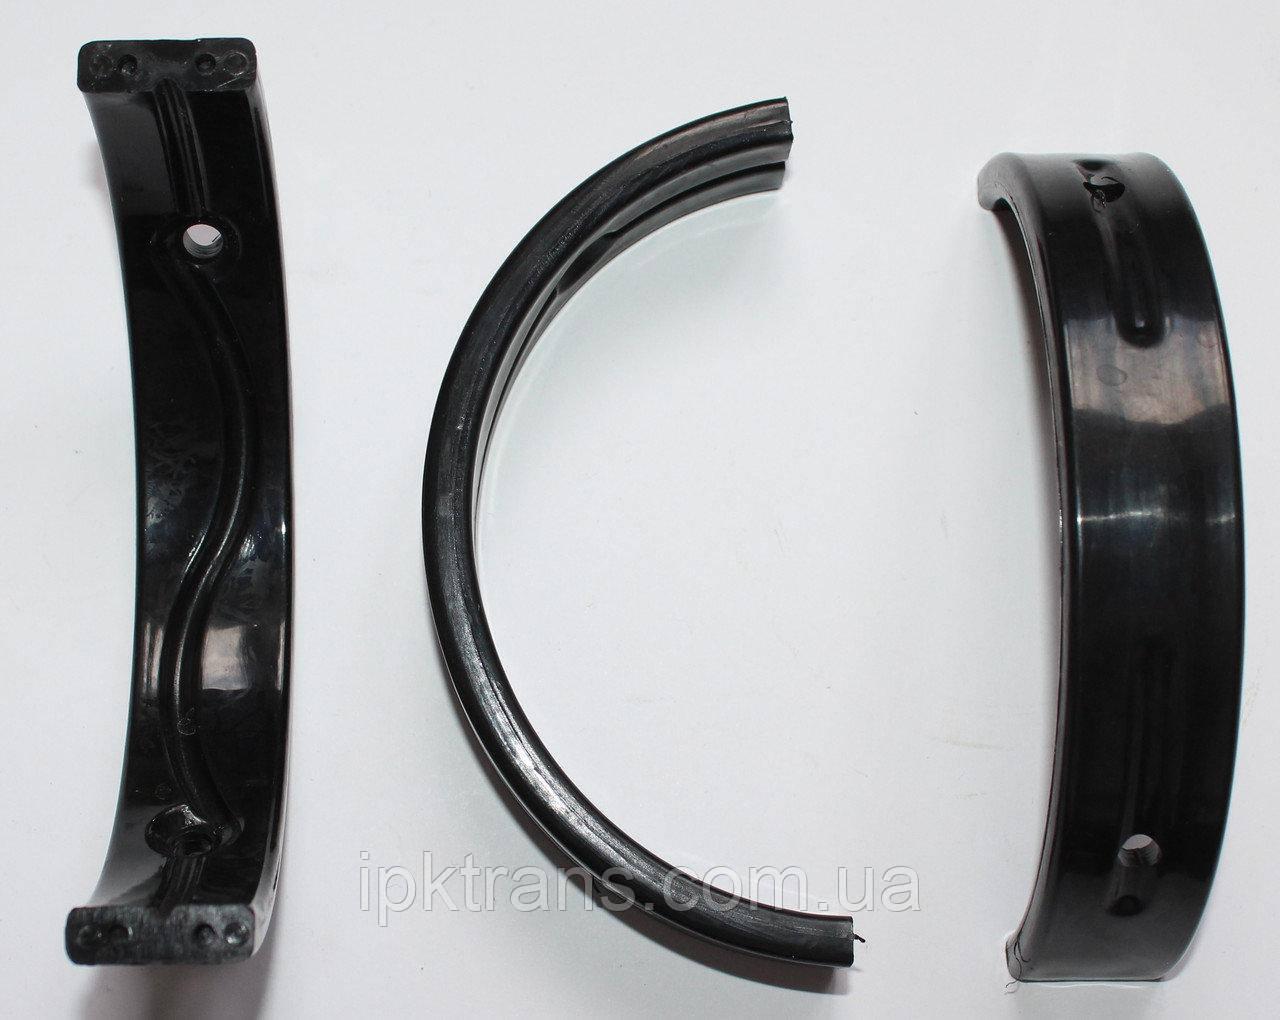 Вкладыш мачты для погрузчика Toyota 02-7FD15 комплект (761491011071) 76149-10110-71